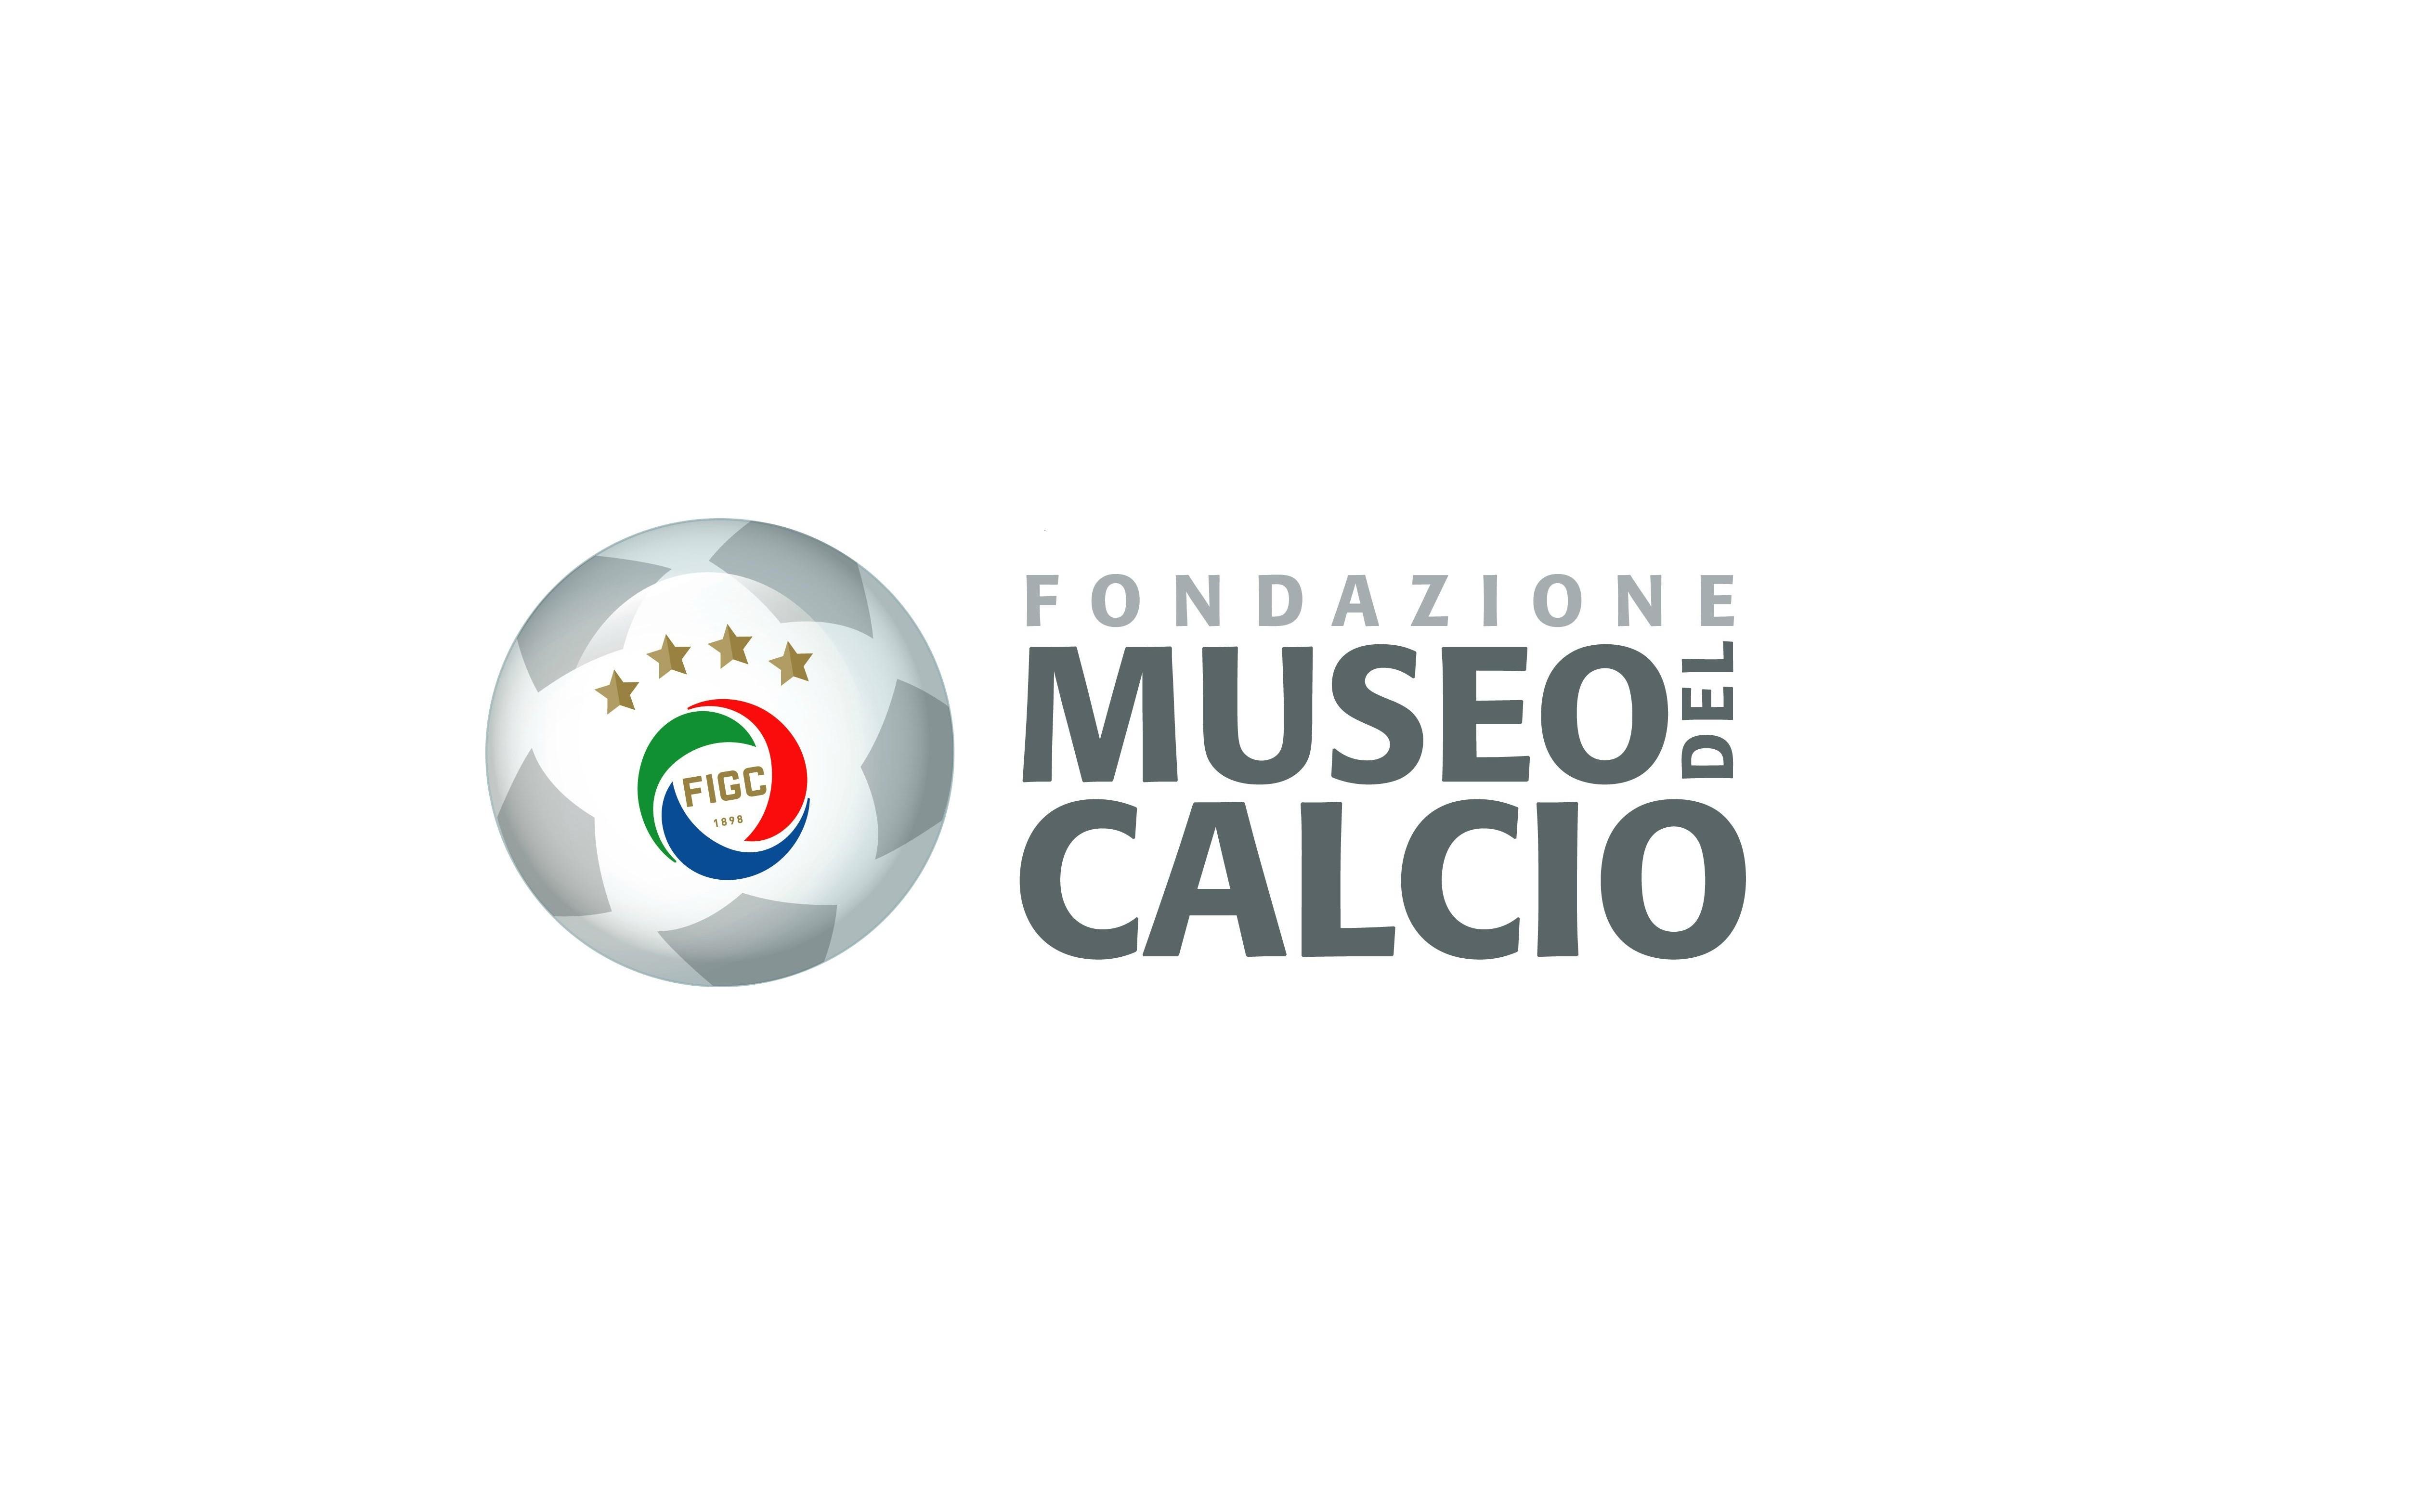 Fondazione Museo del Calcio